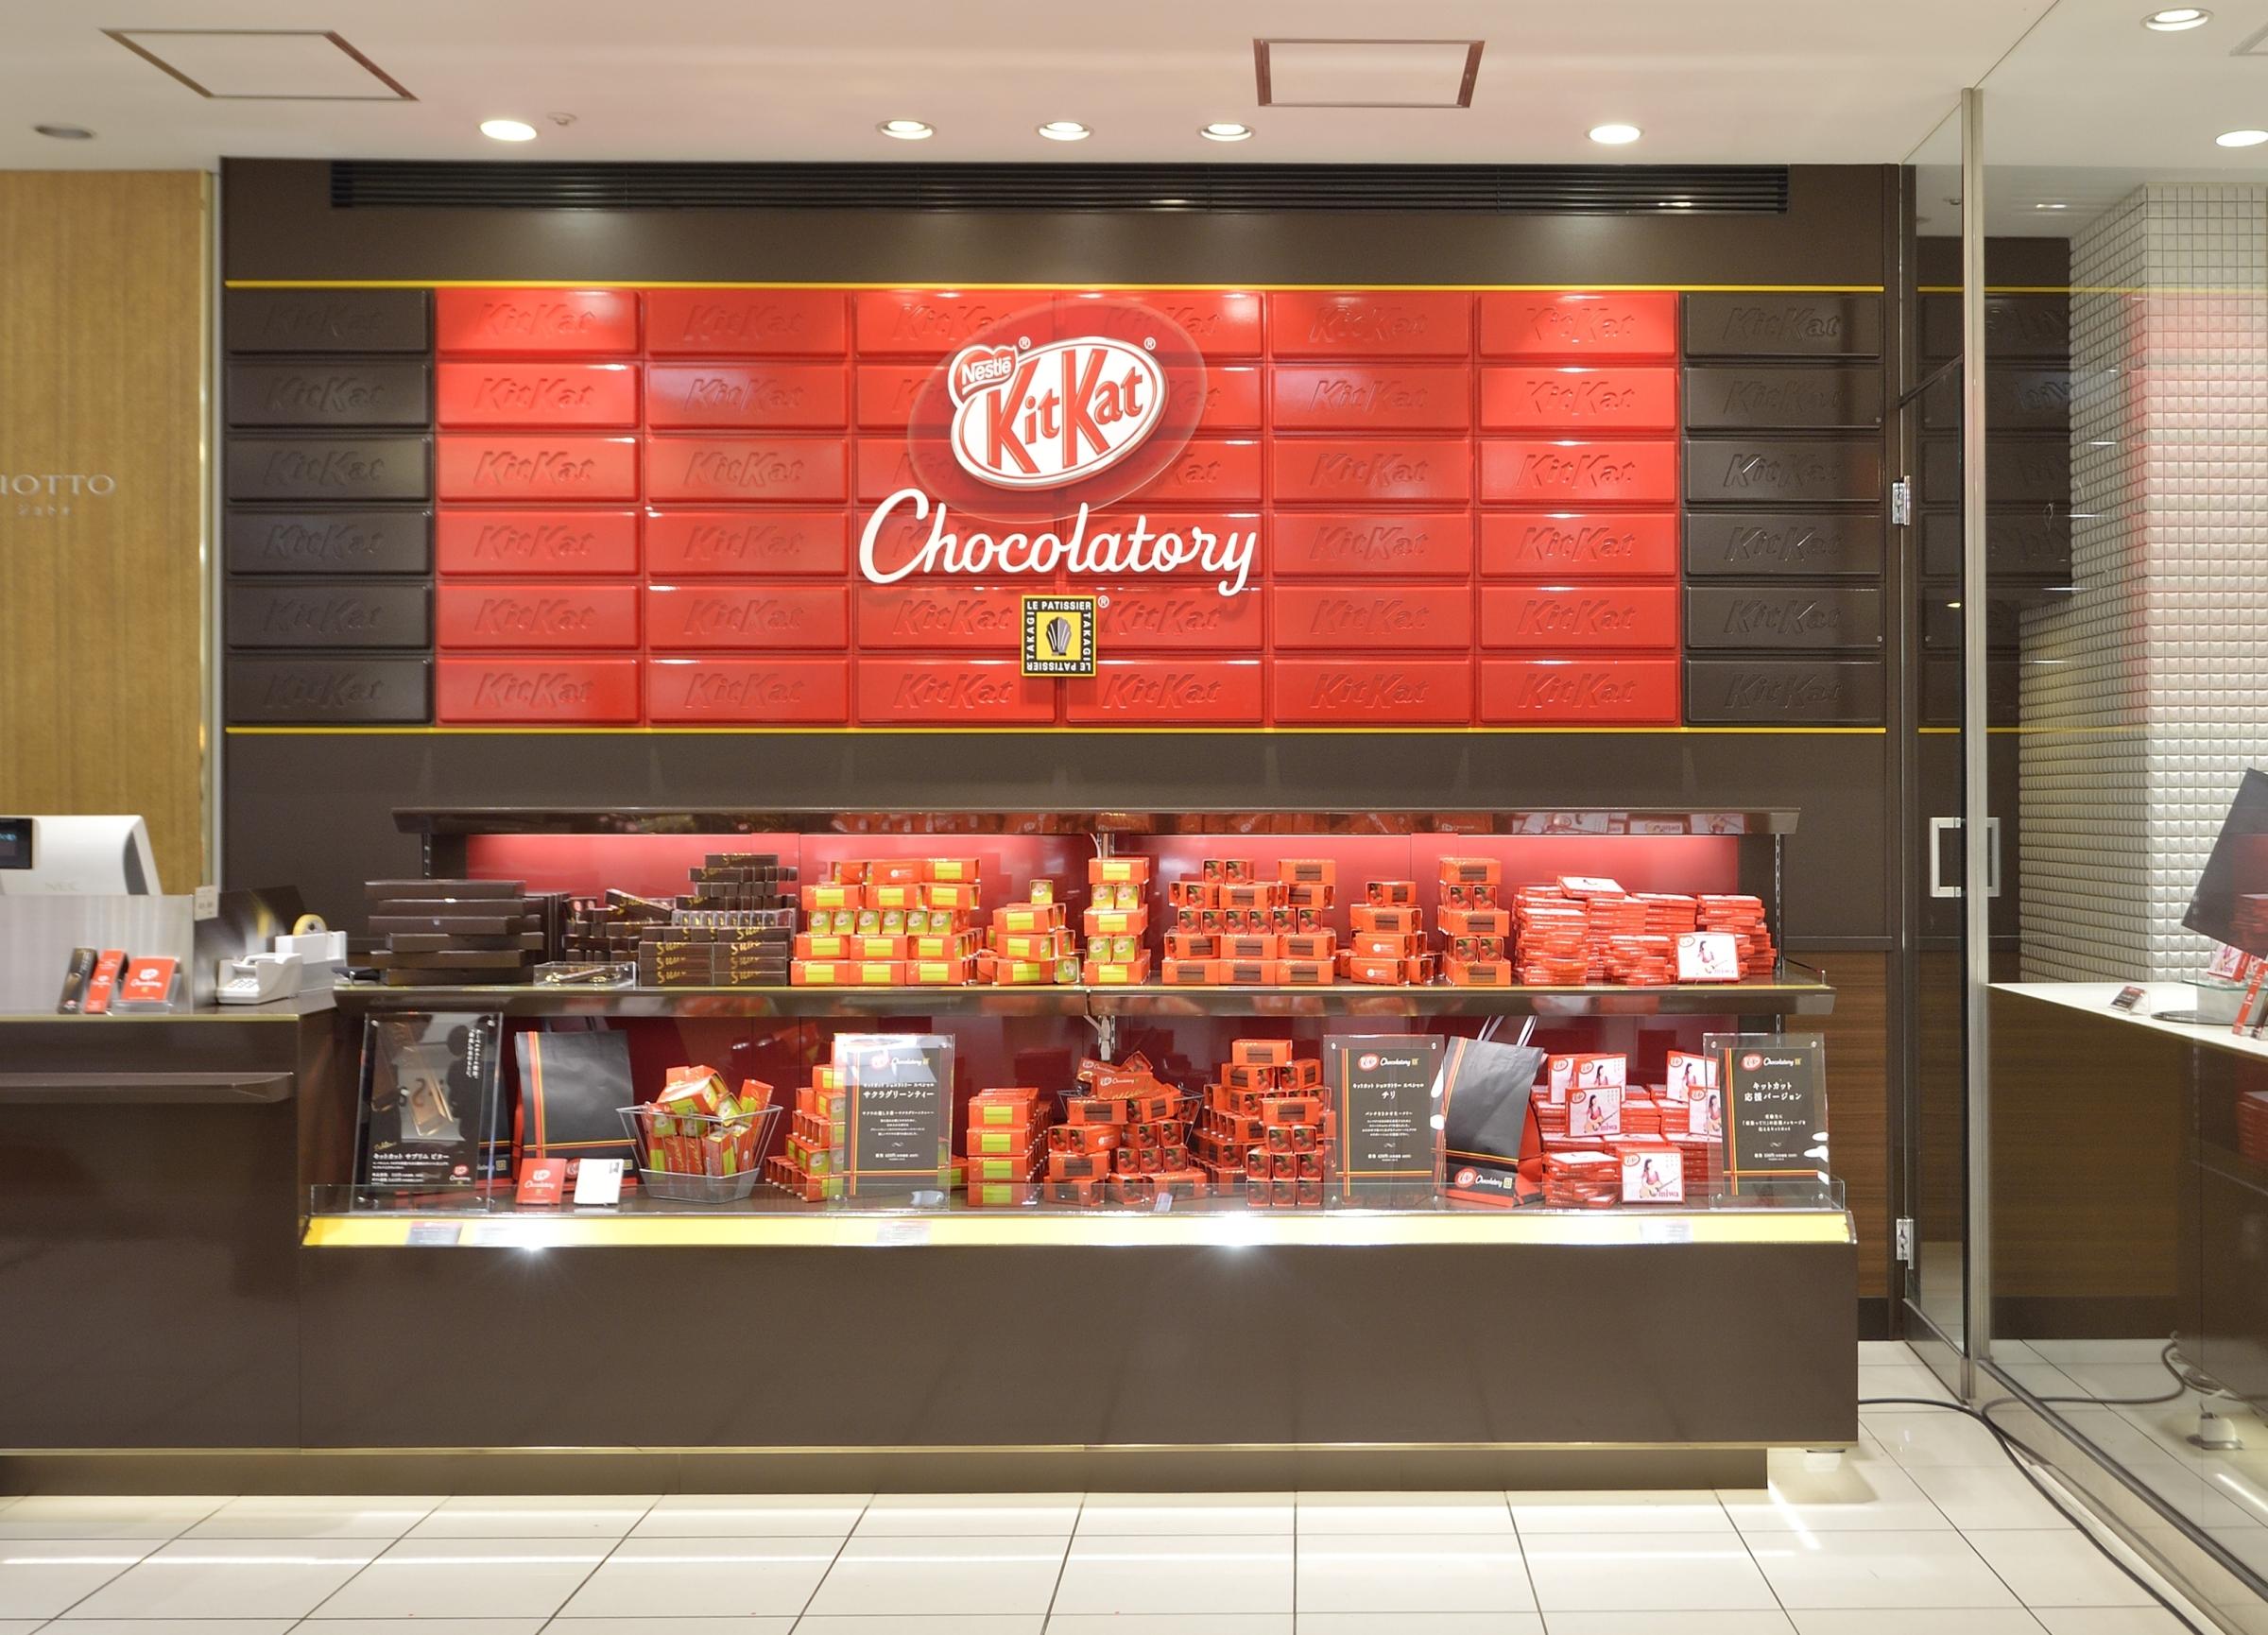 Kit Kat Chocolatory Shopping In Ikebukuro Tokyo